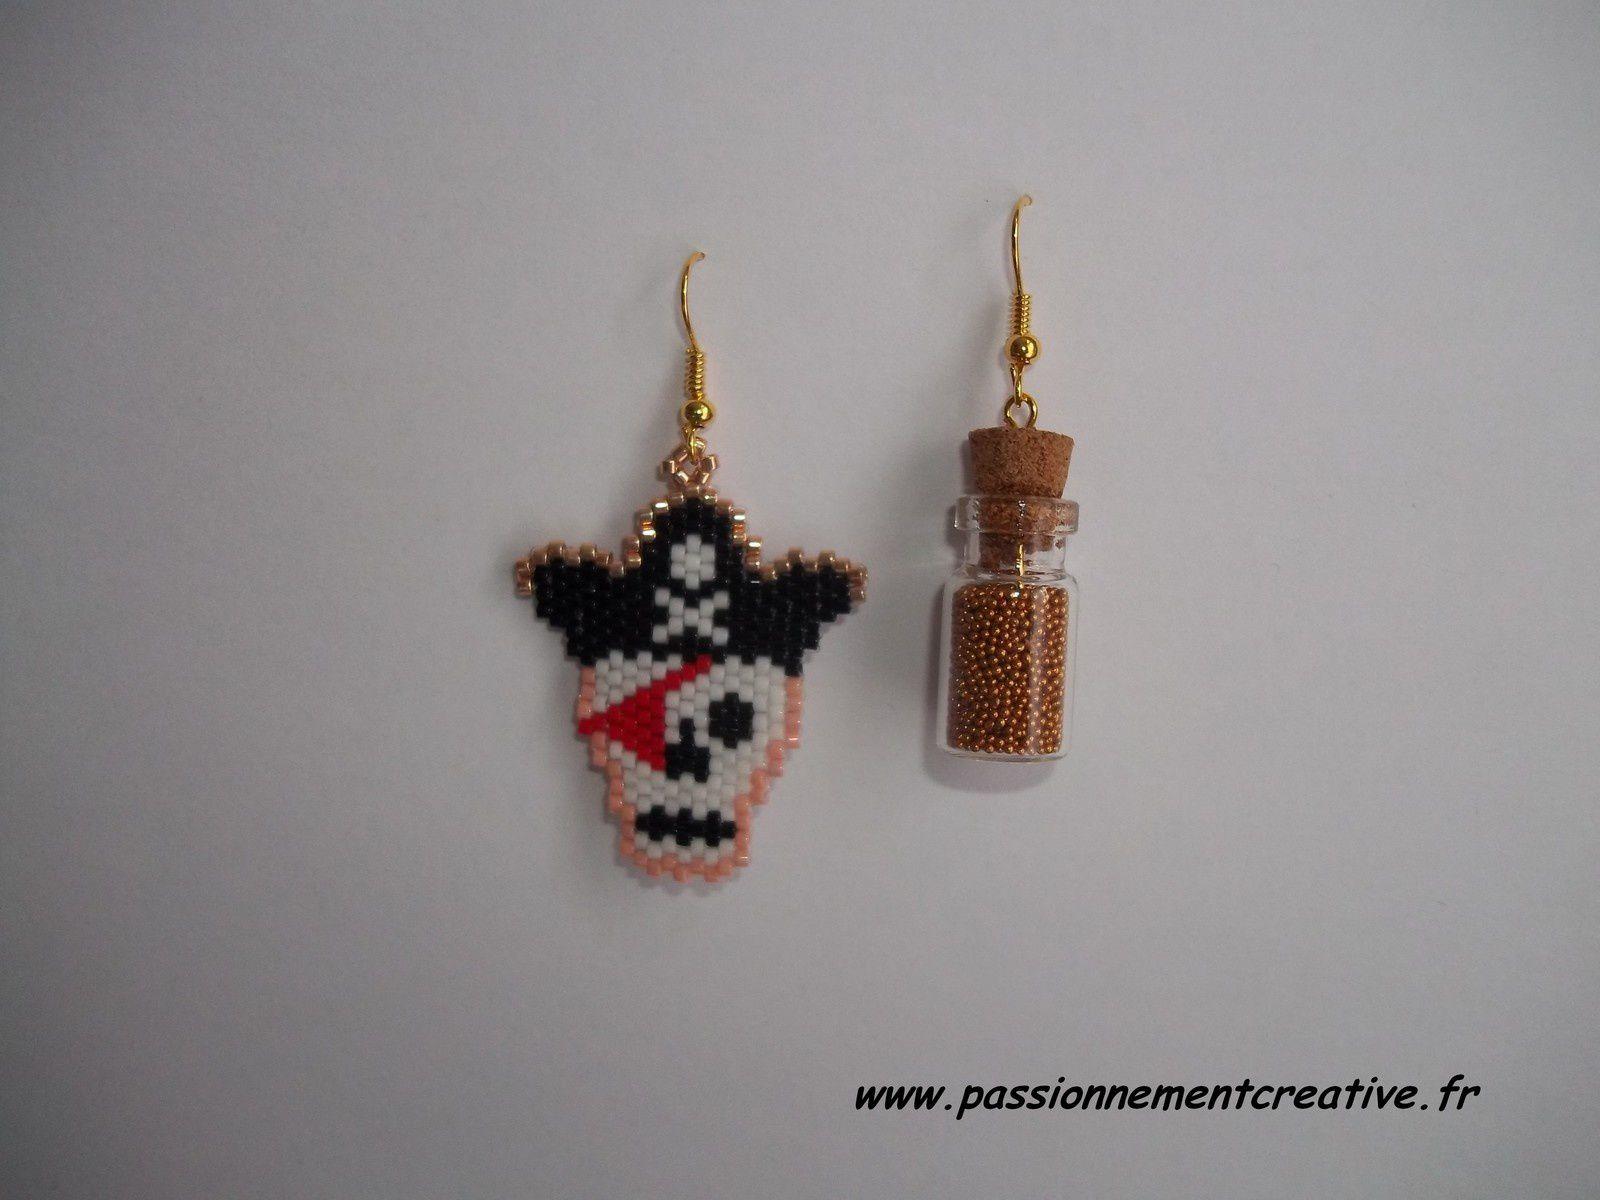 Boucles d'oreilles Pirate